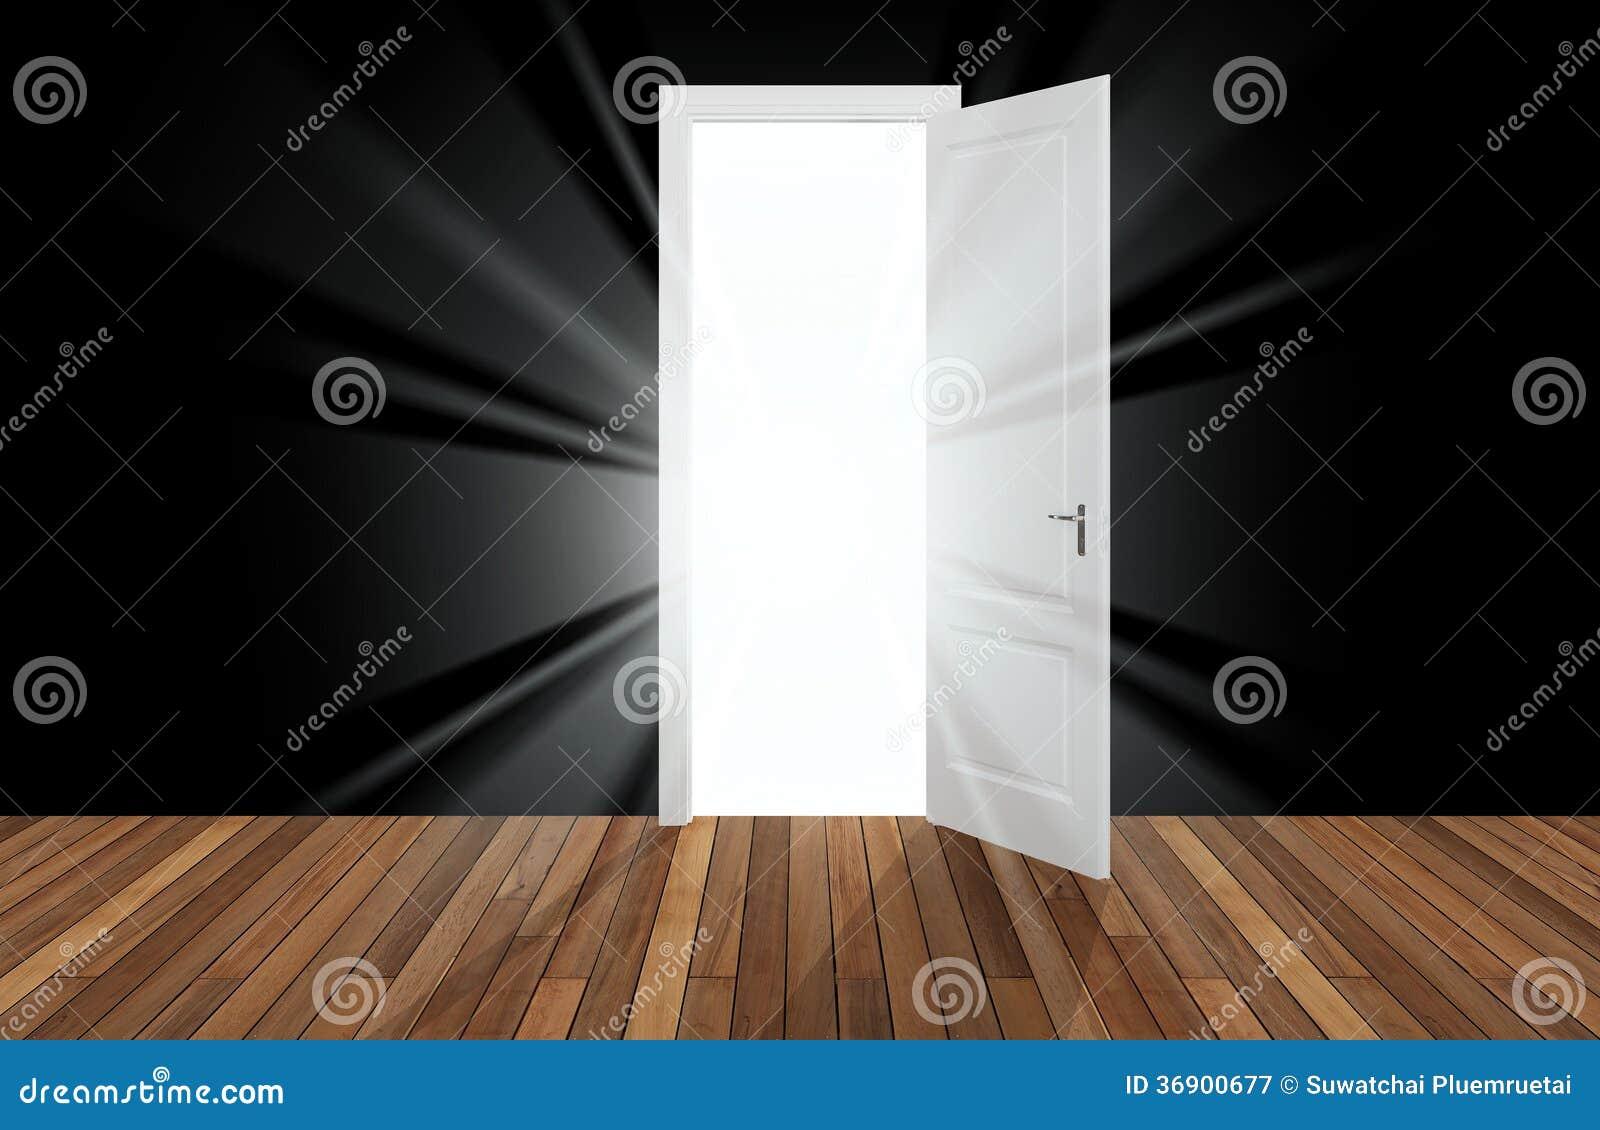 Światło słoneczne za otwarcia drzwi